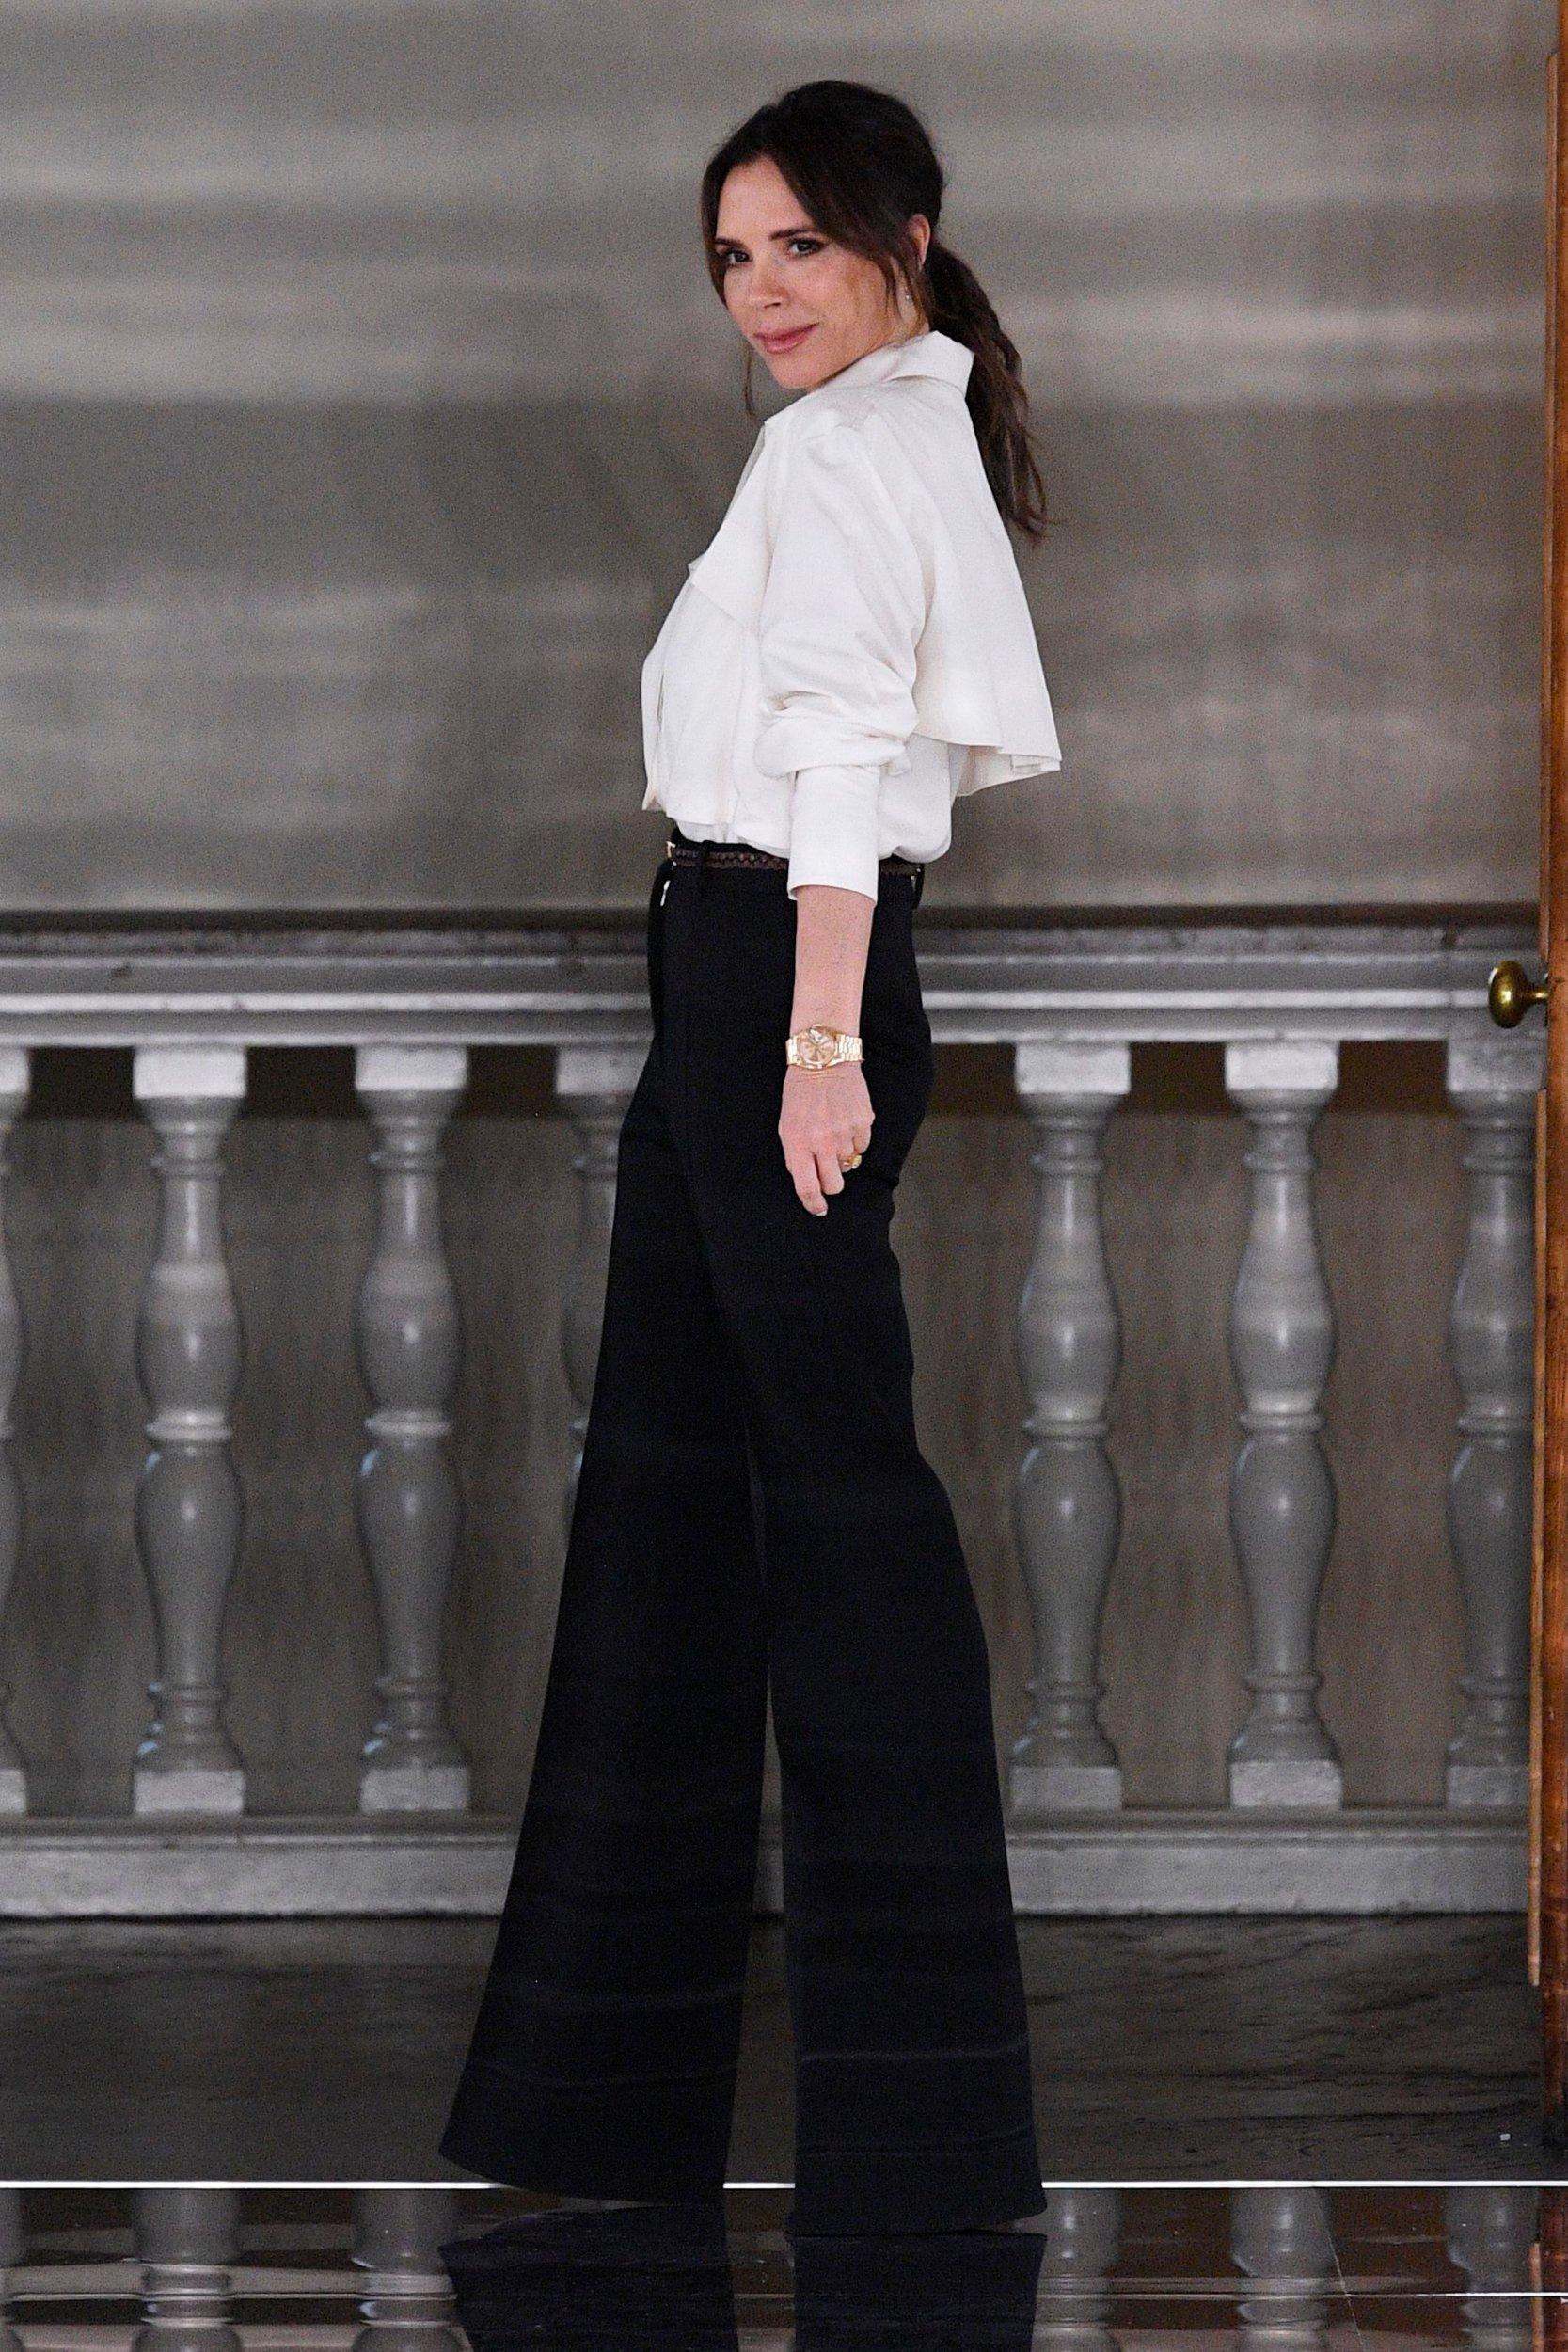 Victoria Beckham xuất hiện trên sàn diễn trong cuối bộ sưu tập để chào khán giả. Suốt 11 năm qua, thương hiệu thời trang của bà Beckham không thật sự thuận lợi, thậm chí con số thua lỗ không hề nhỏ nhưng luôn được chồng hậu thuẫn về tài chính.